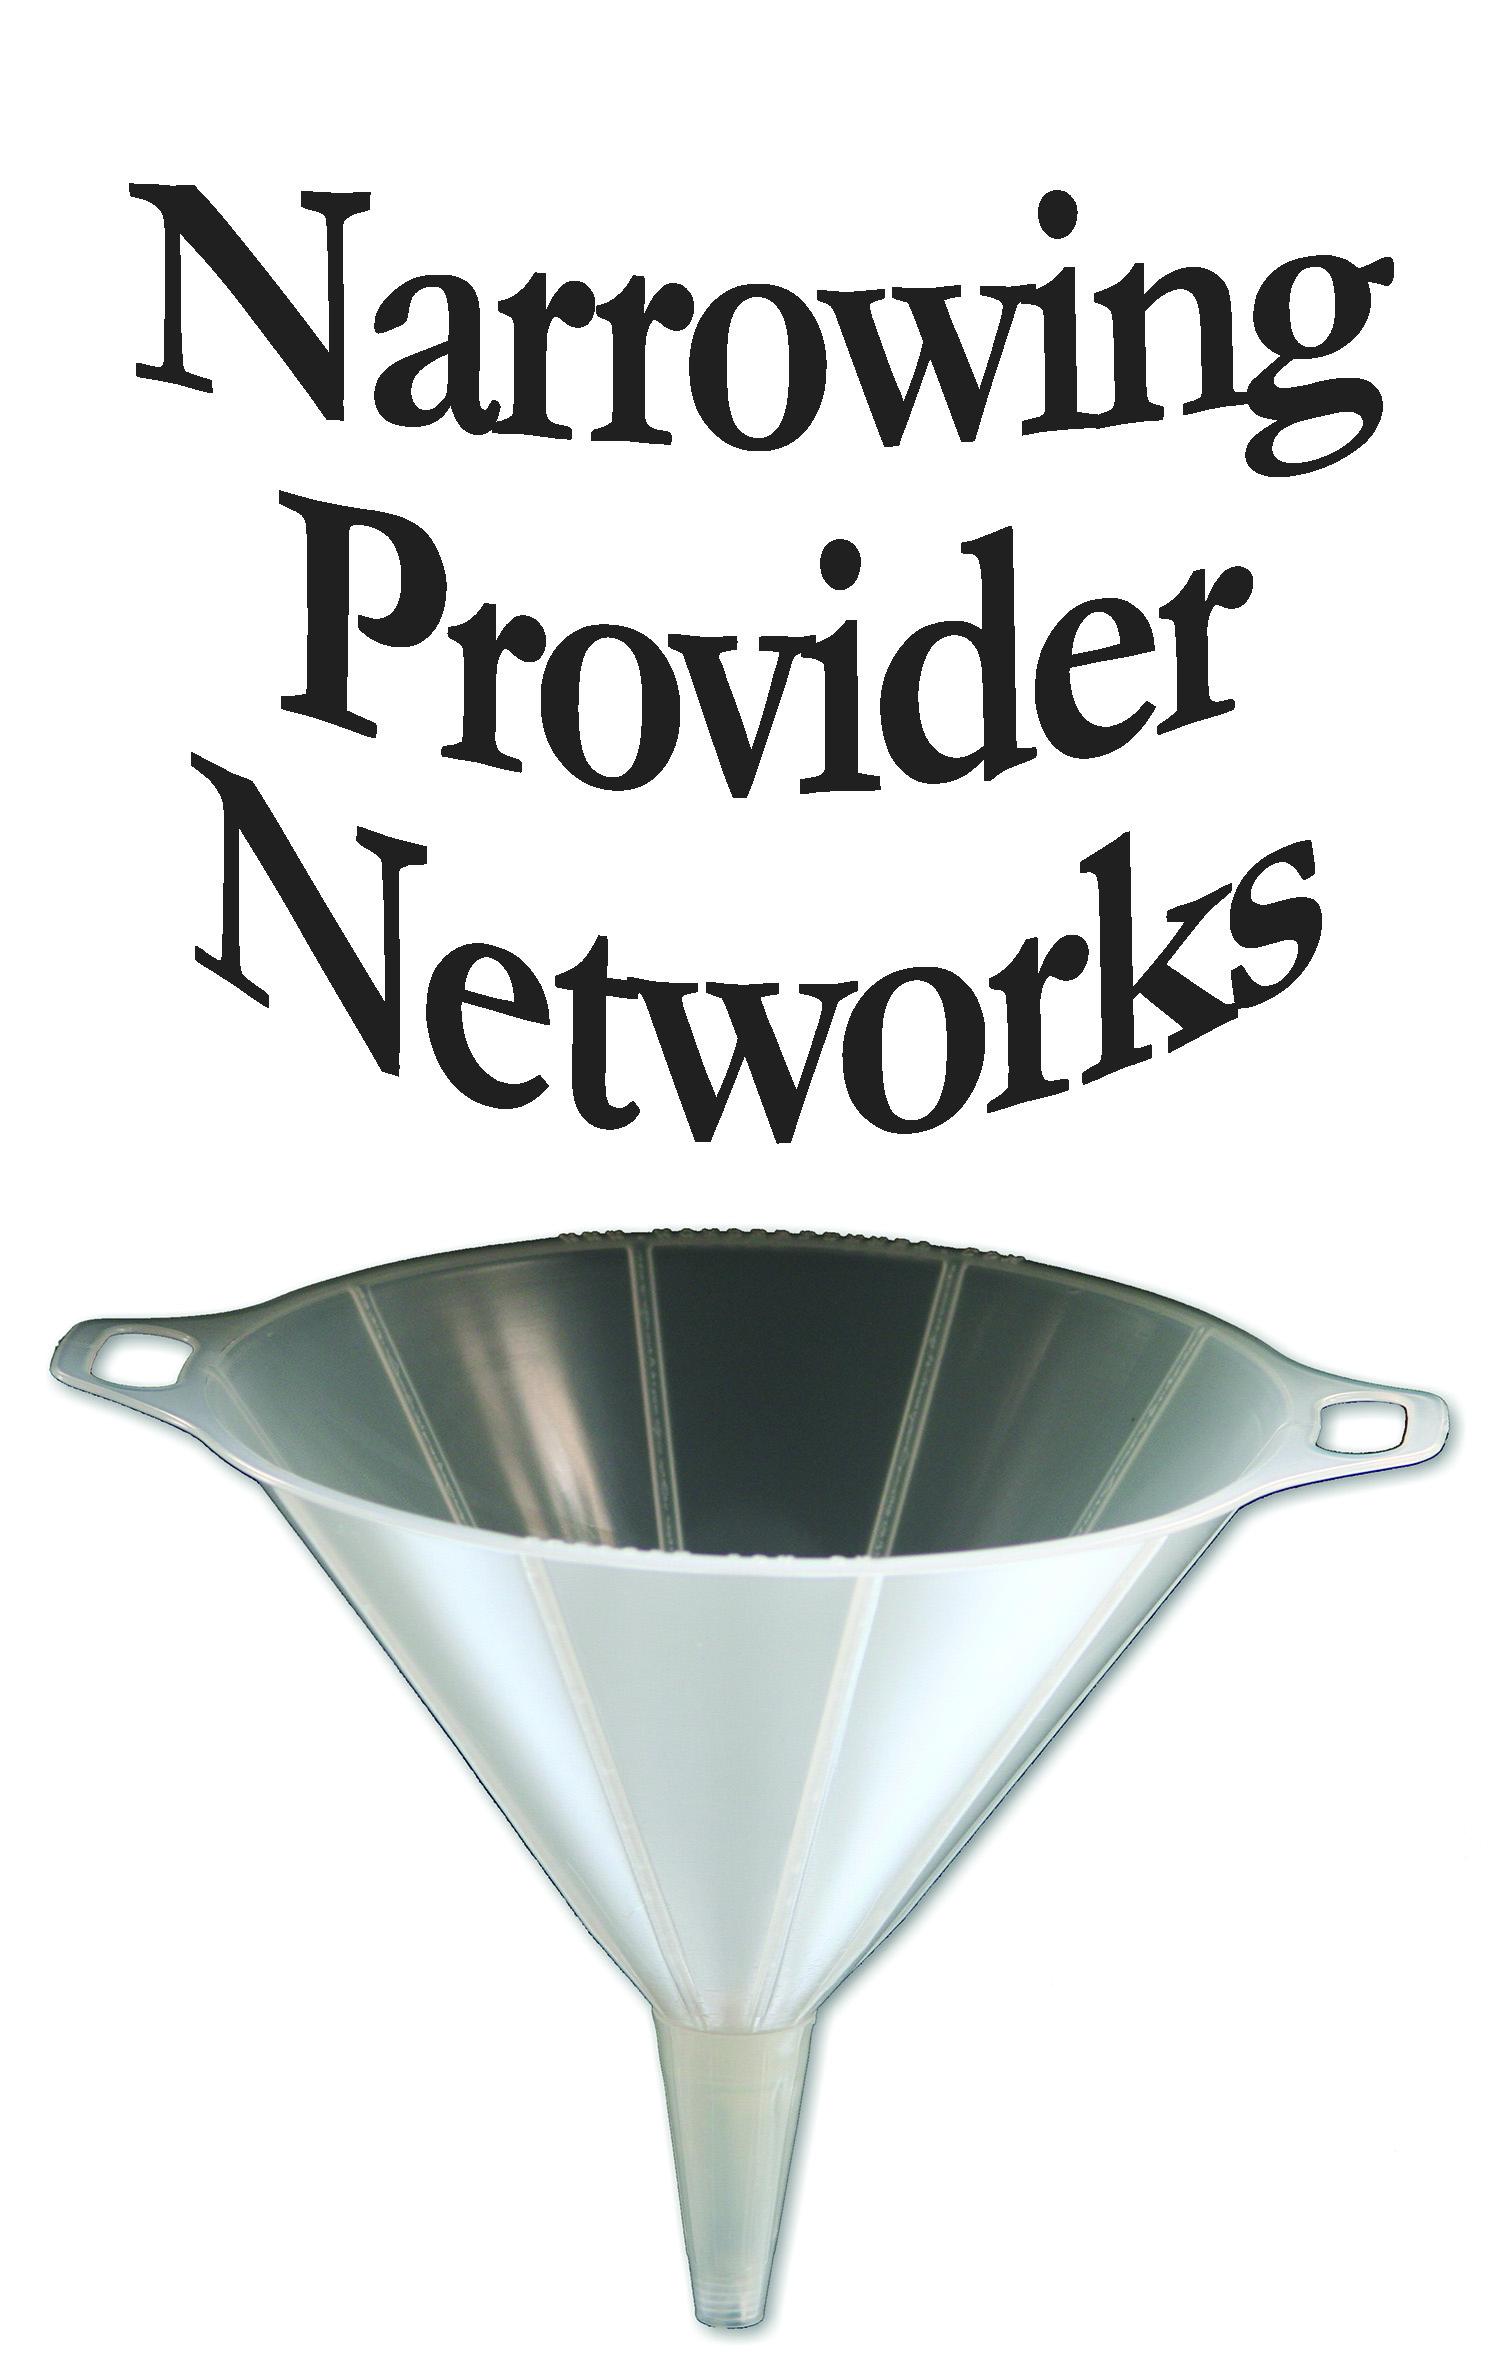 narrowingprovidernetworks